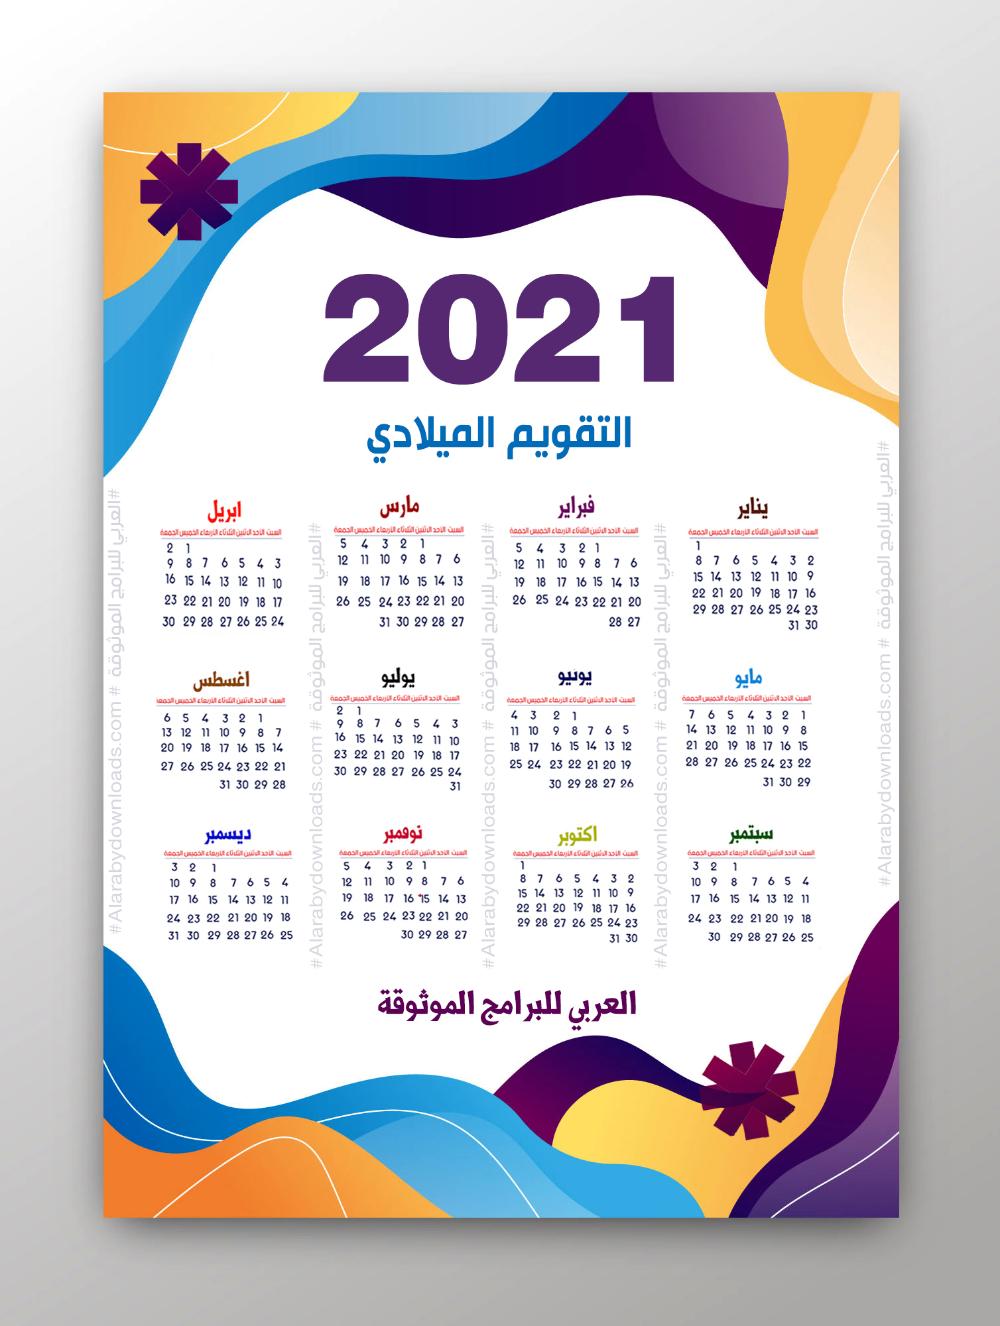 تحميل التقويم الميلادي 2021 عربي صورة تحميل تقويم 2021 برابط regarding 2021 Pa Rut Prediction